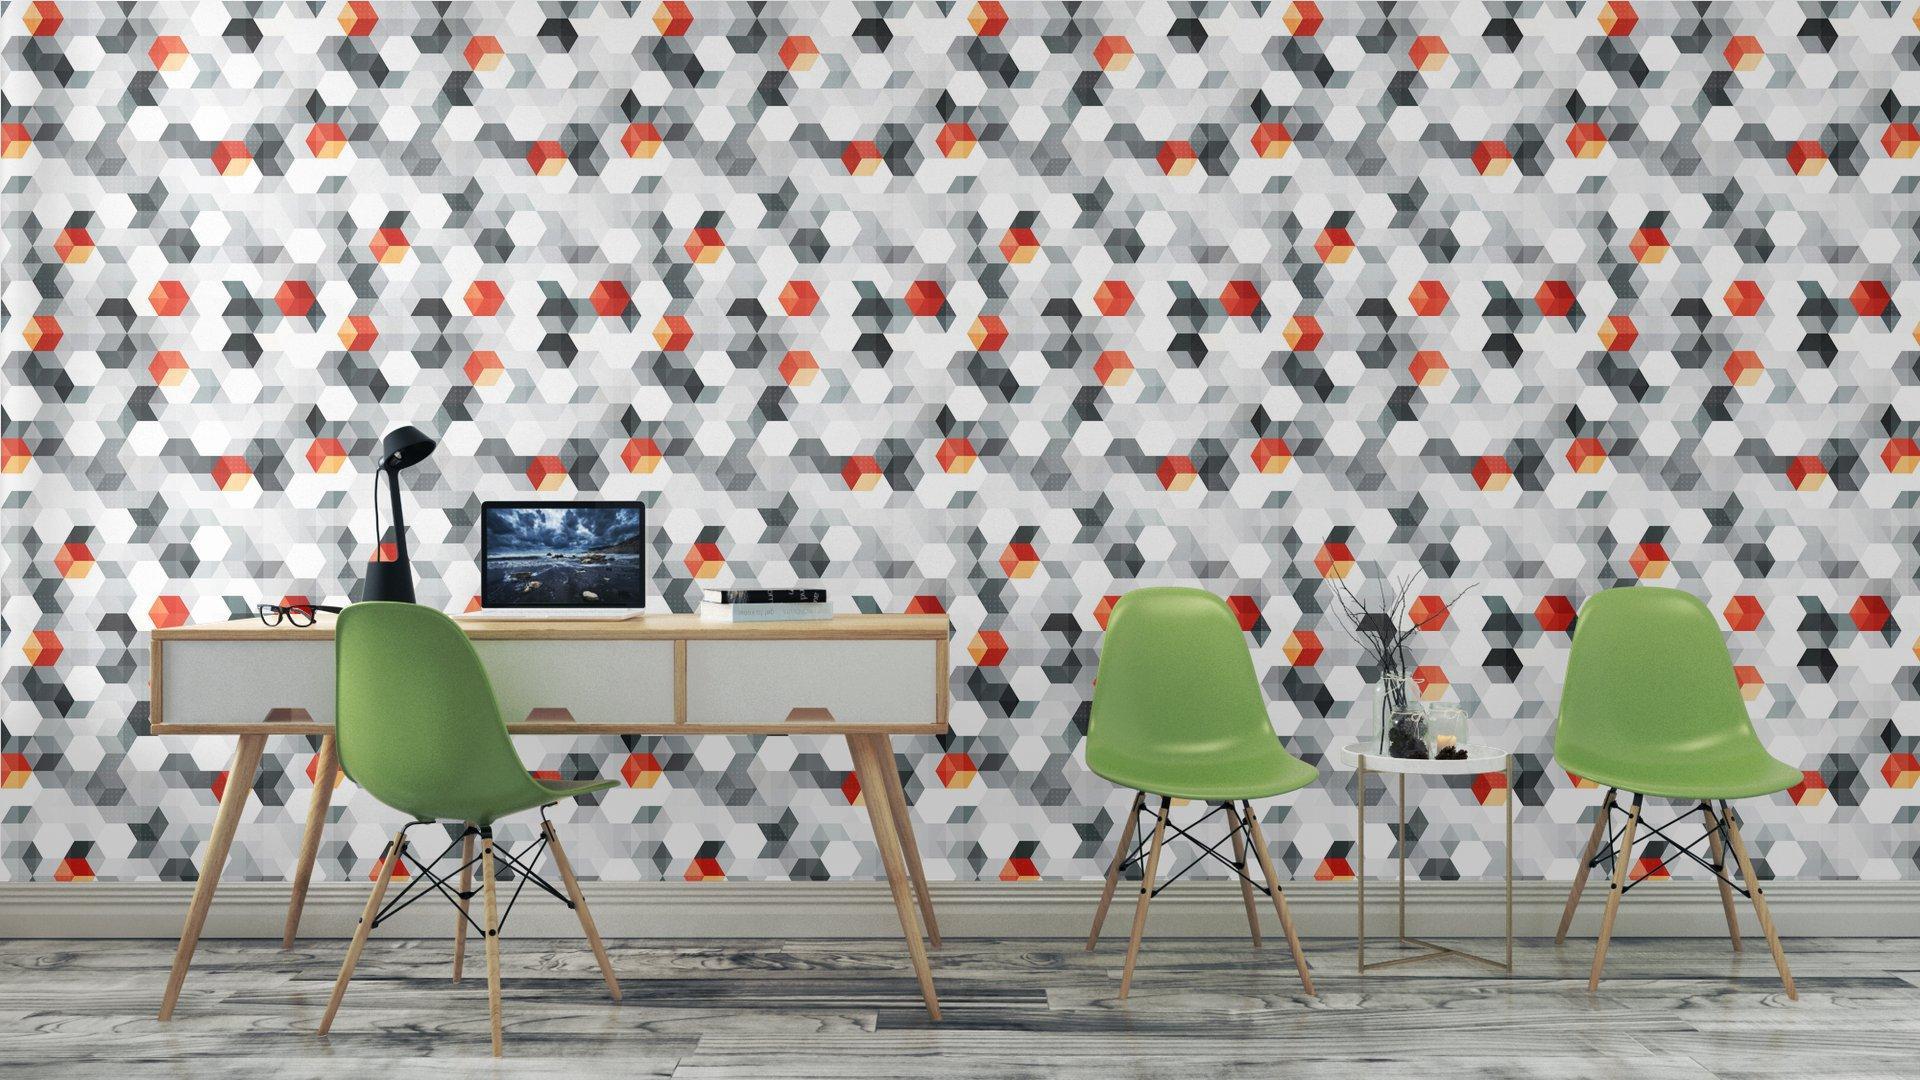 Fotomurales mexico papeles pintados cubos abstractos sin fisuras patron con efecto grunge 6 - Papel Tapiz Cubos Abstractos Con Efecto Grunge 01